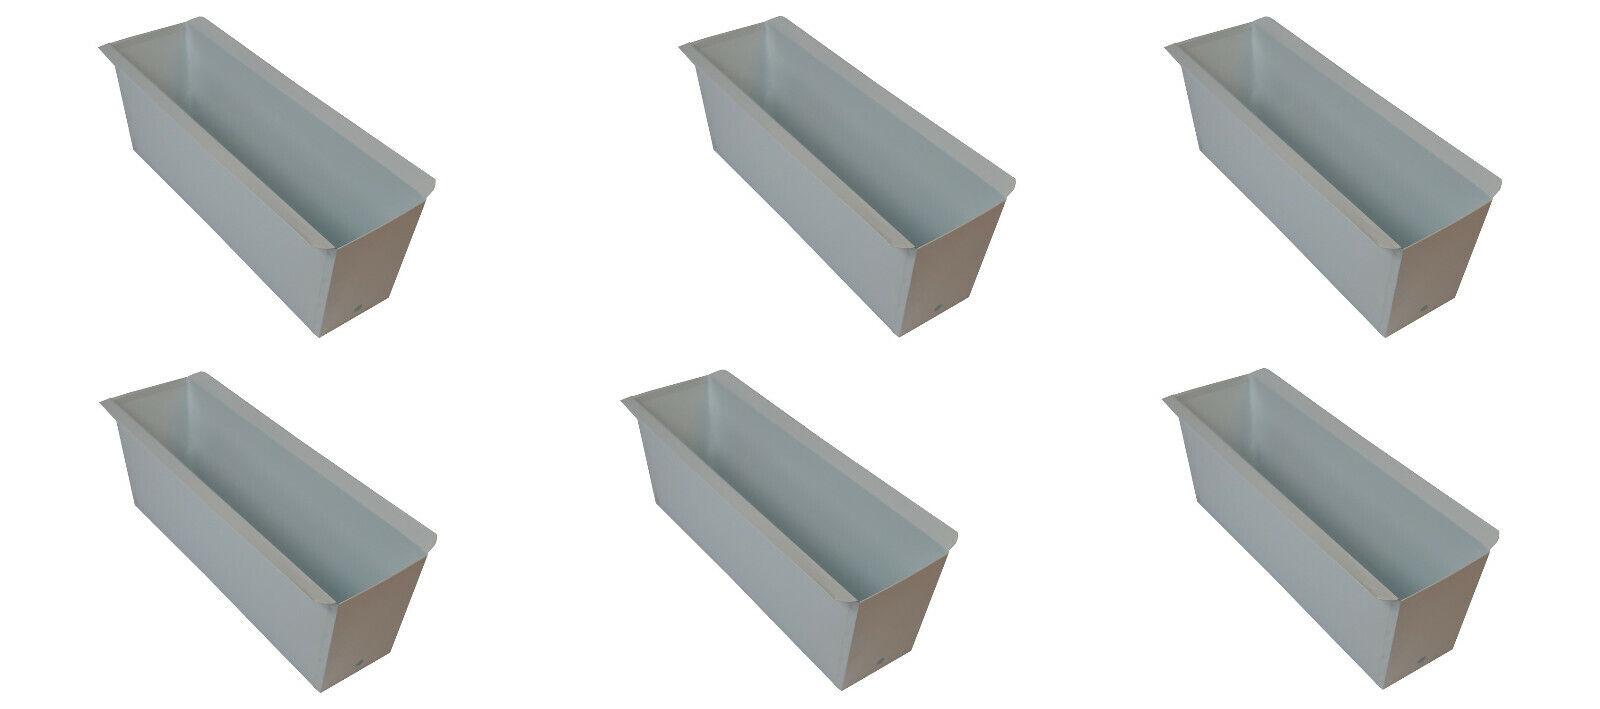 18X Blaumenkasten Weiss für Europalette Balkonkasten Einsatz Pflanzkasten 35,5cm